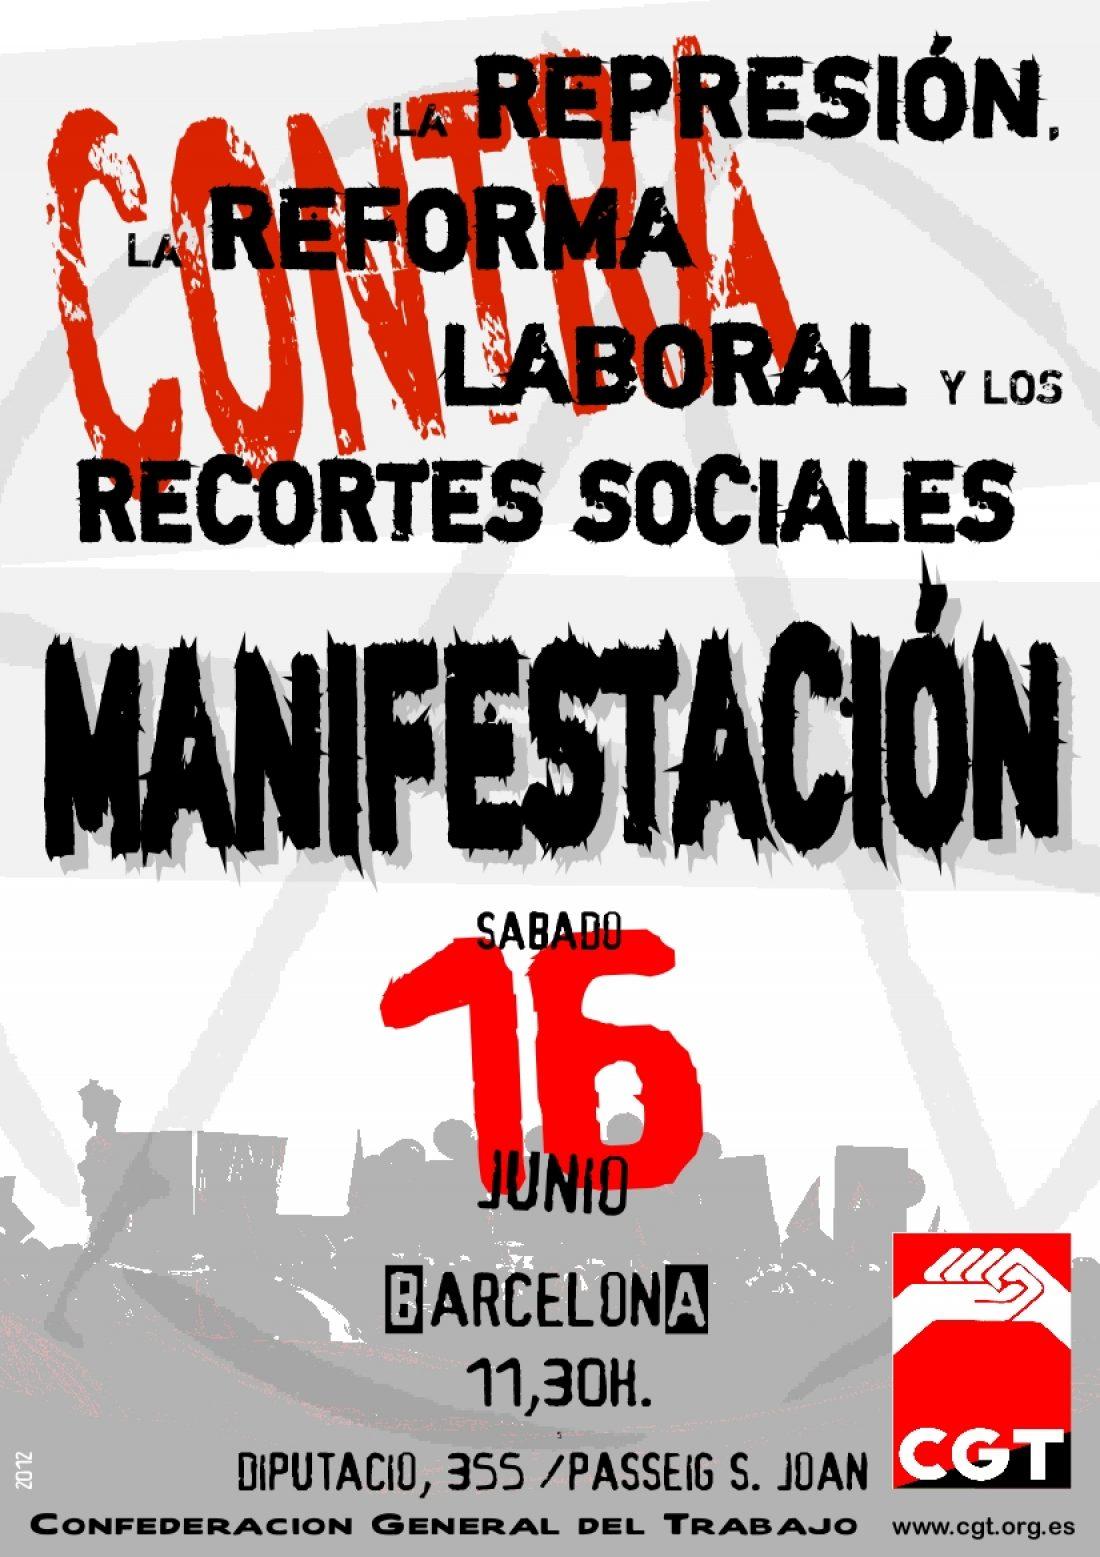 Manifestación Confederal 16 junio en Barcelona contra la represión, la reforma laboral y los recortes sociales